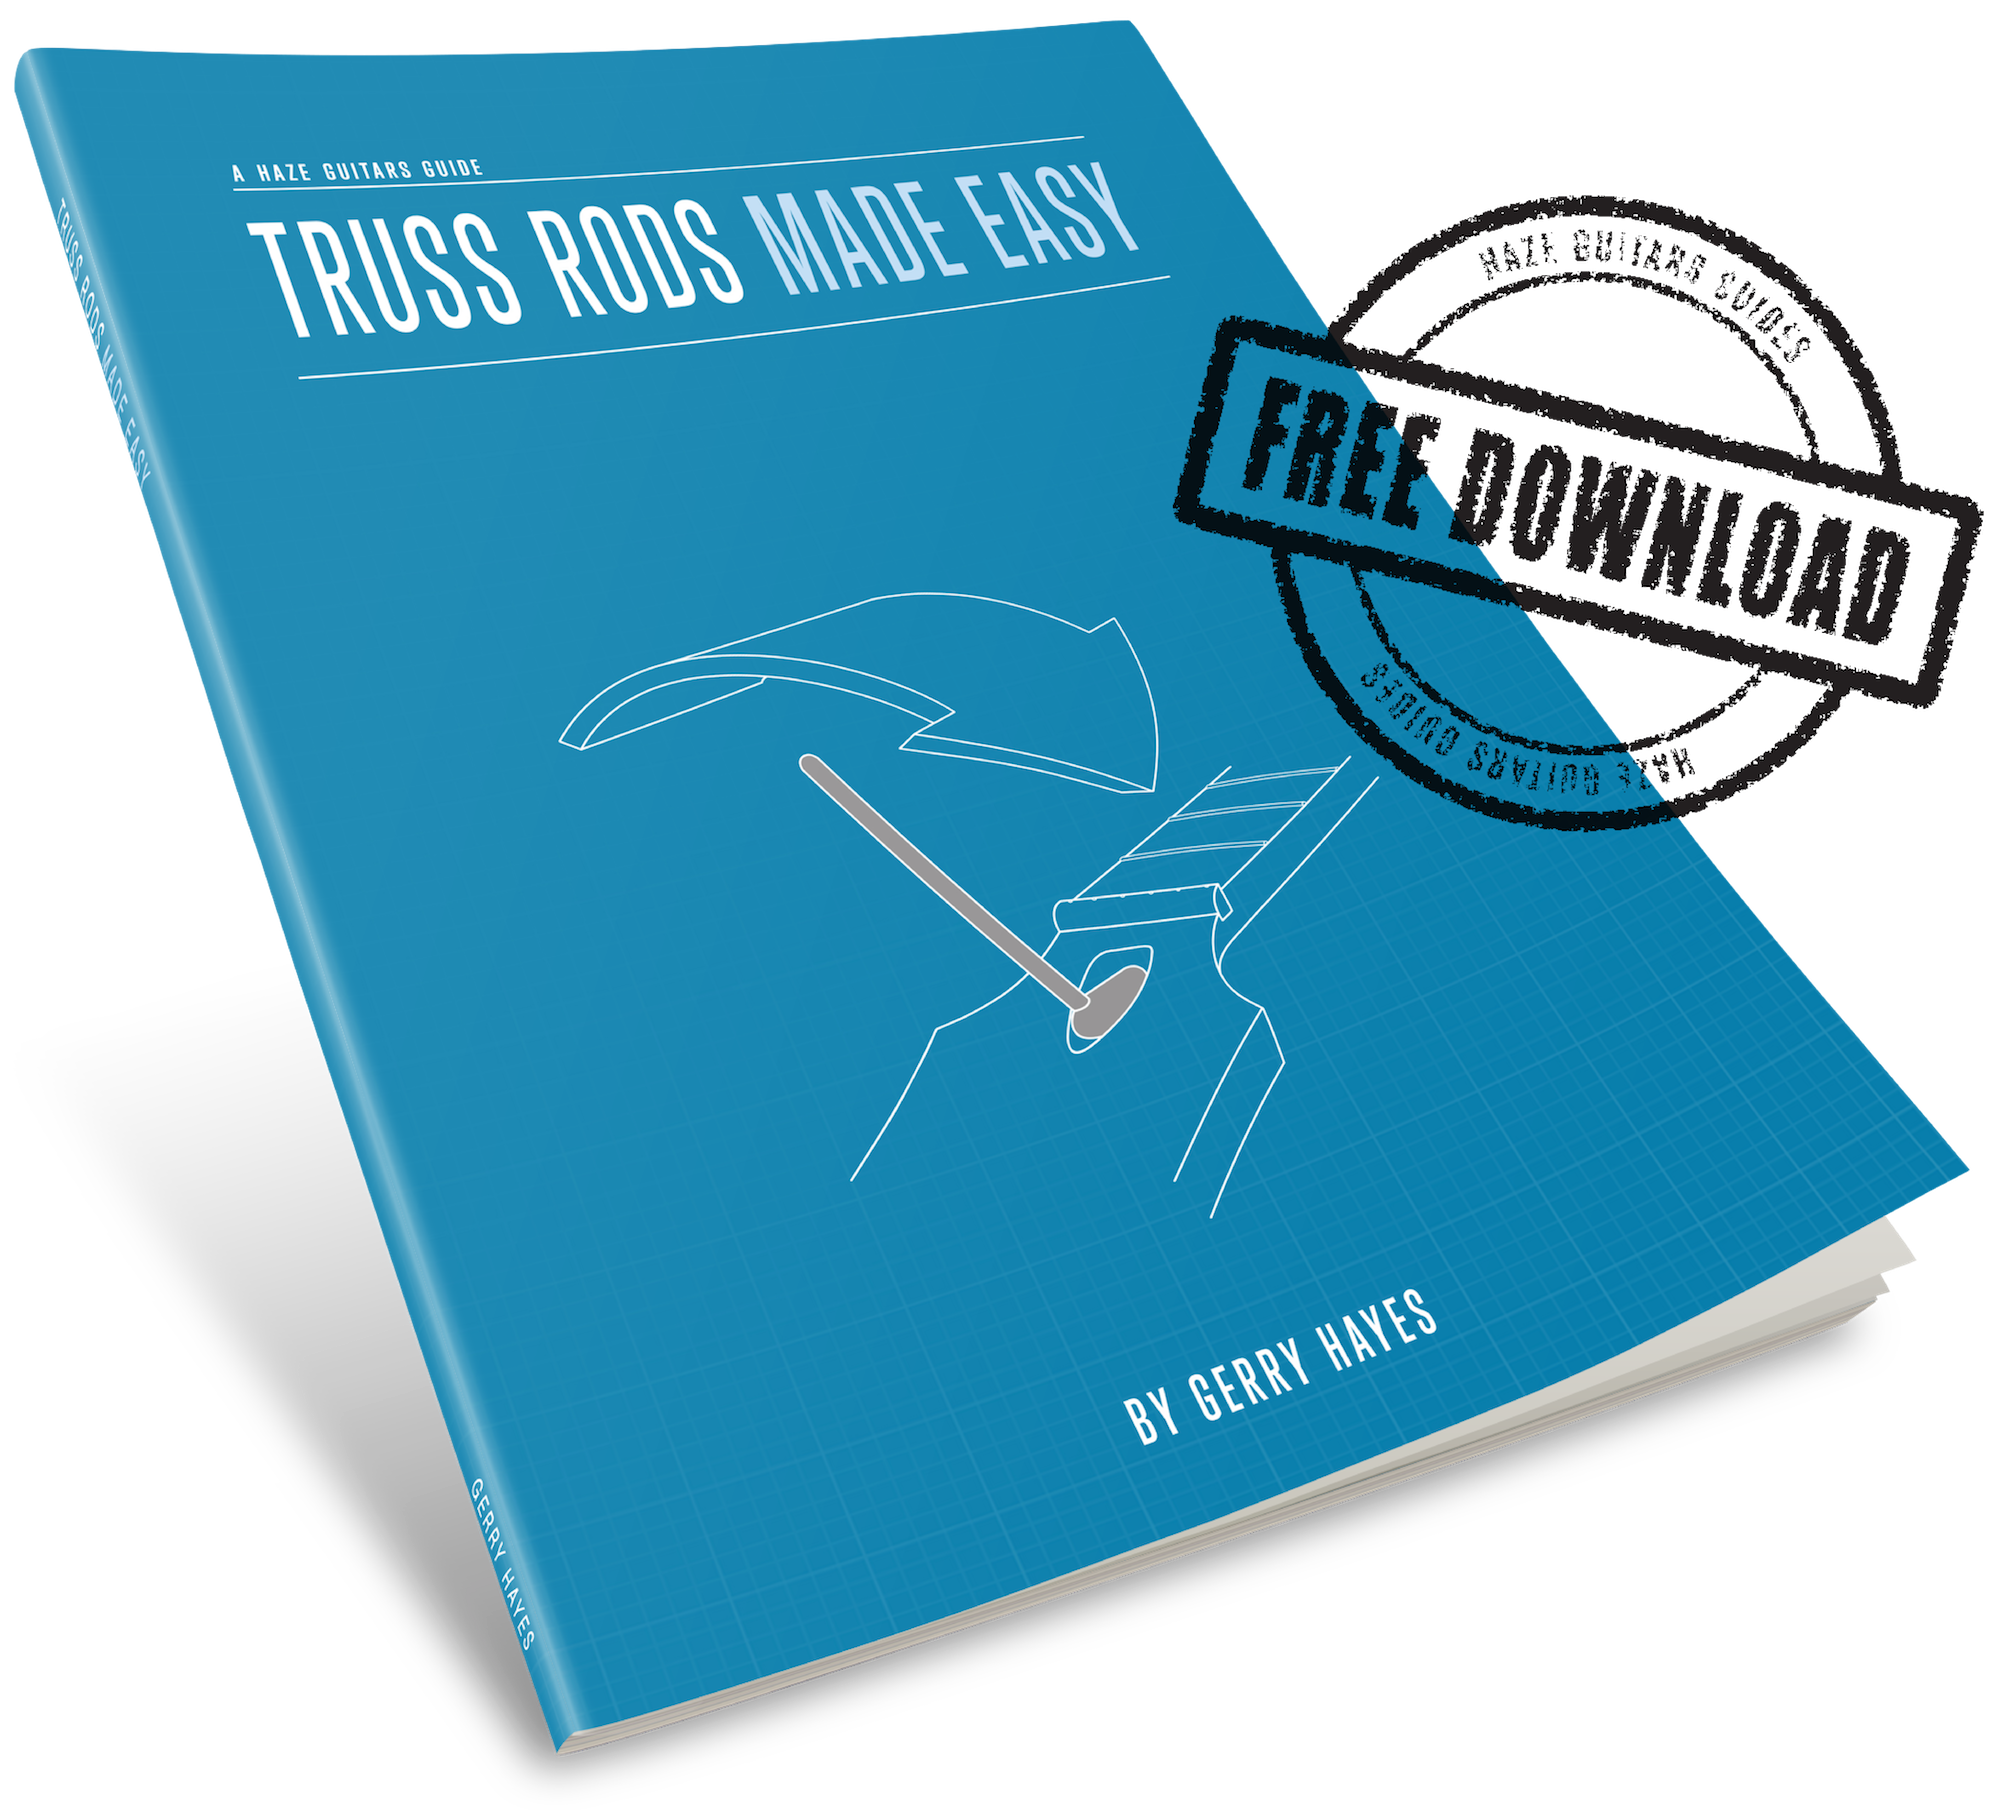 Truss Rods Made Easy - Haze Guitars Guide